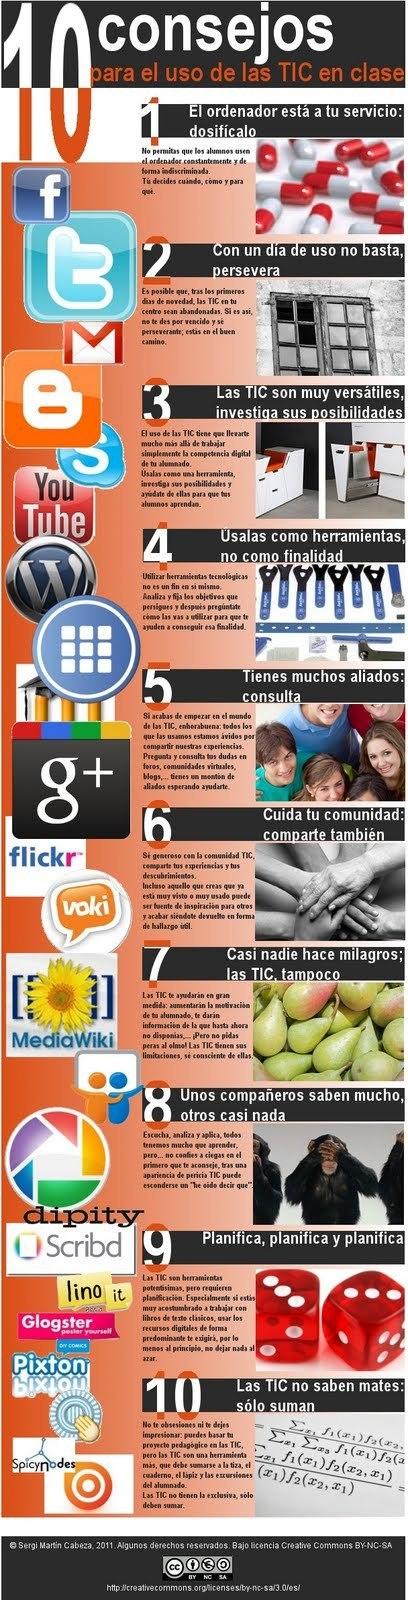 10 consejos para el uso de las TIC en clase - Congreso TIC | Educación en Castilla-La Mancha | +Información | Scoop.it